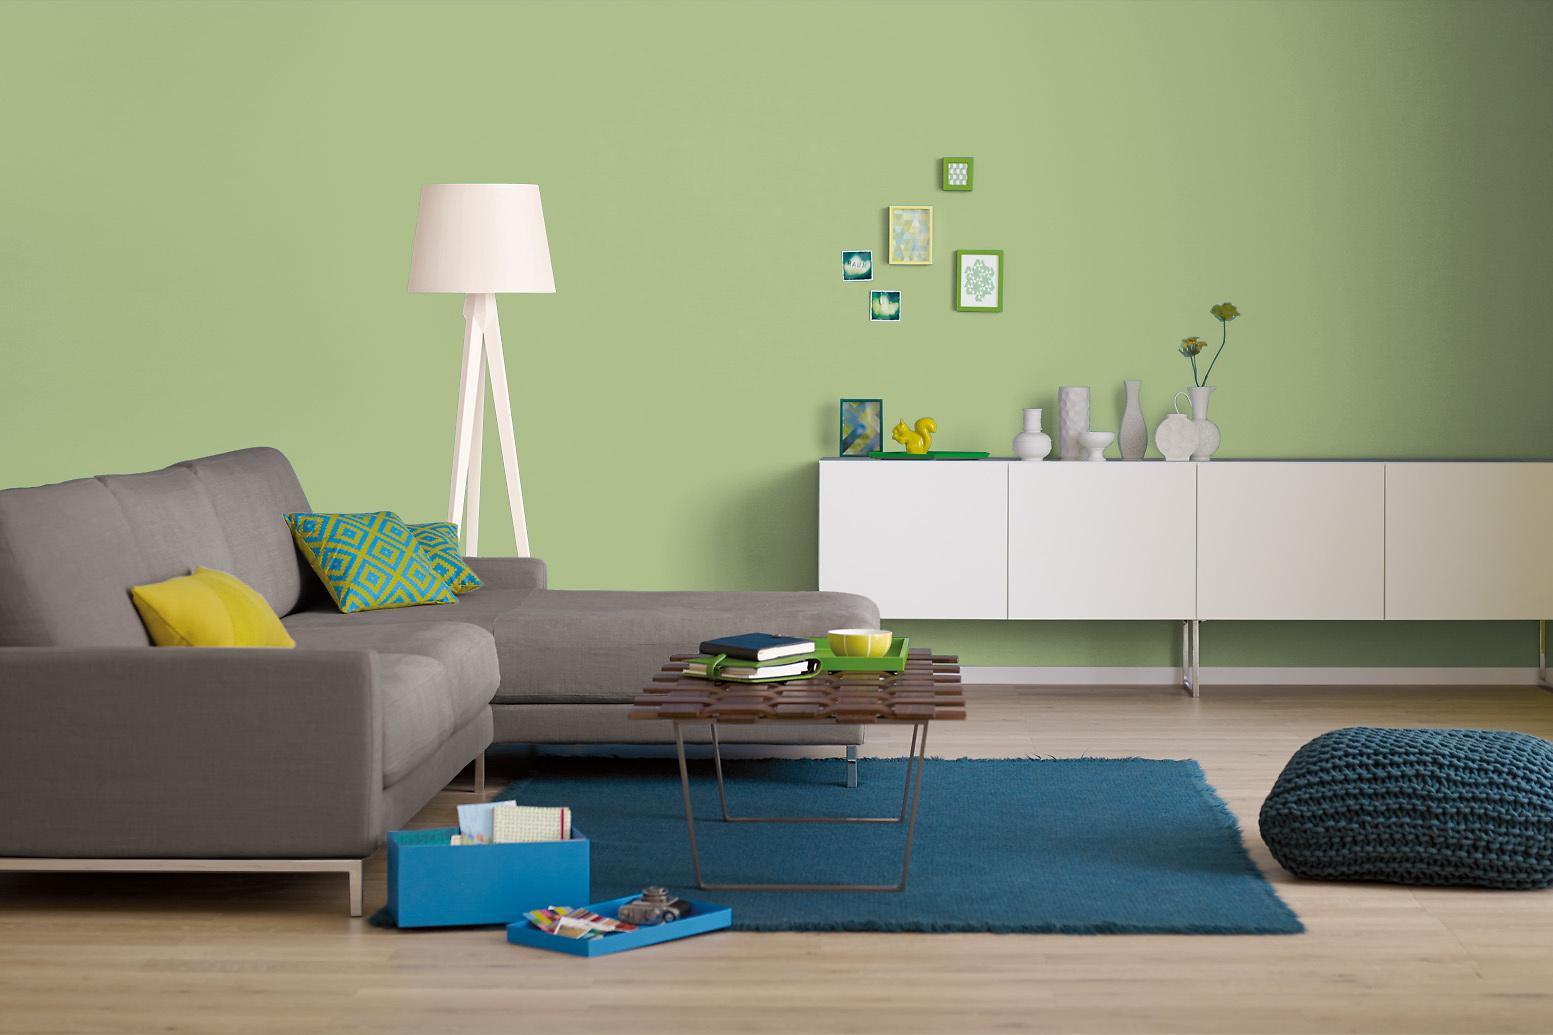 innenfarbe in gr n gelbgr n streichen alpina farbrezepte. Black Bedroom Furniture Sets. Home Design Ideas